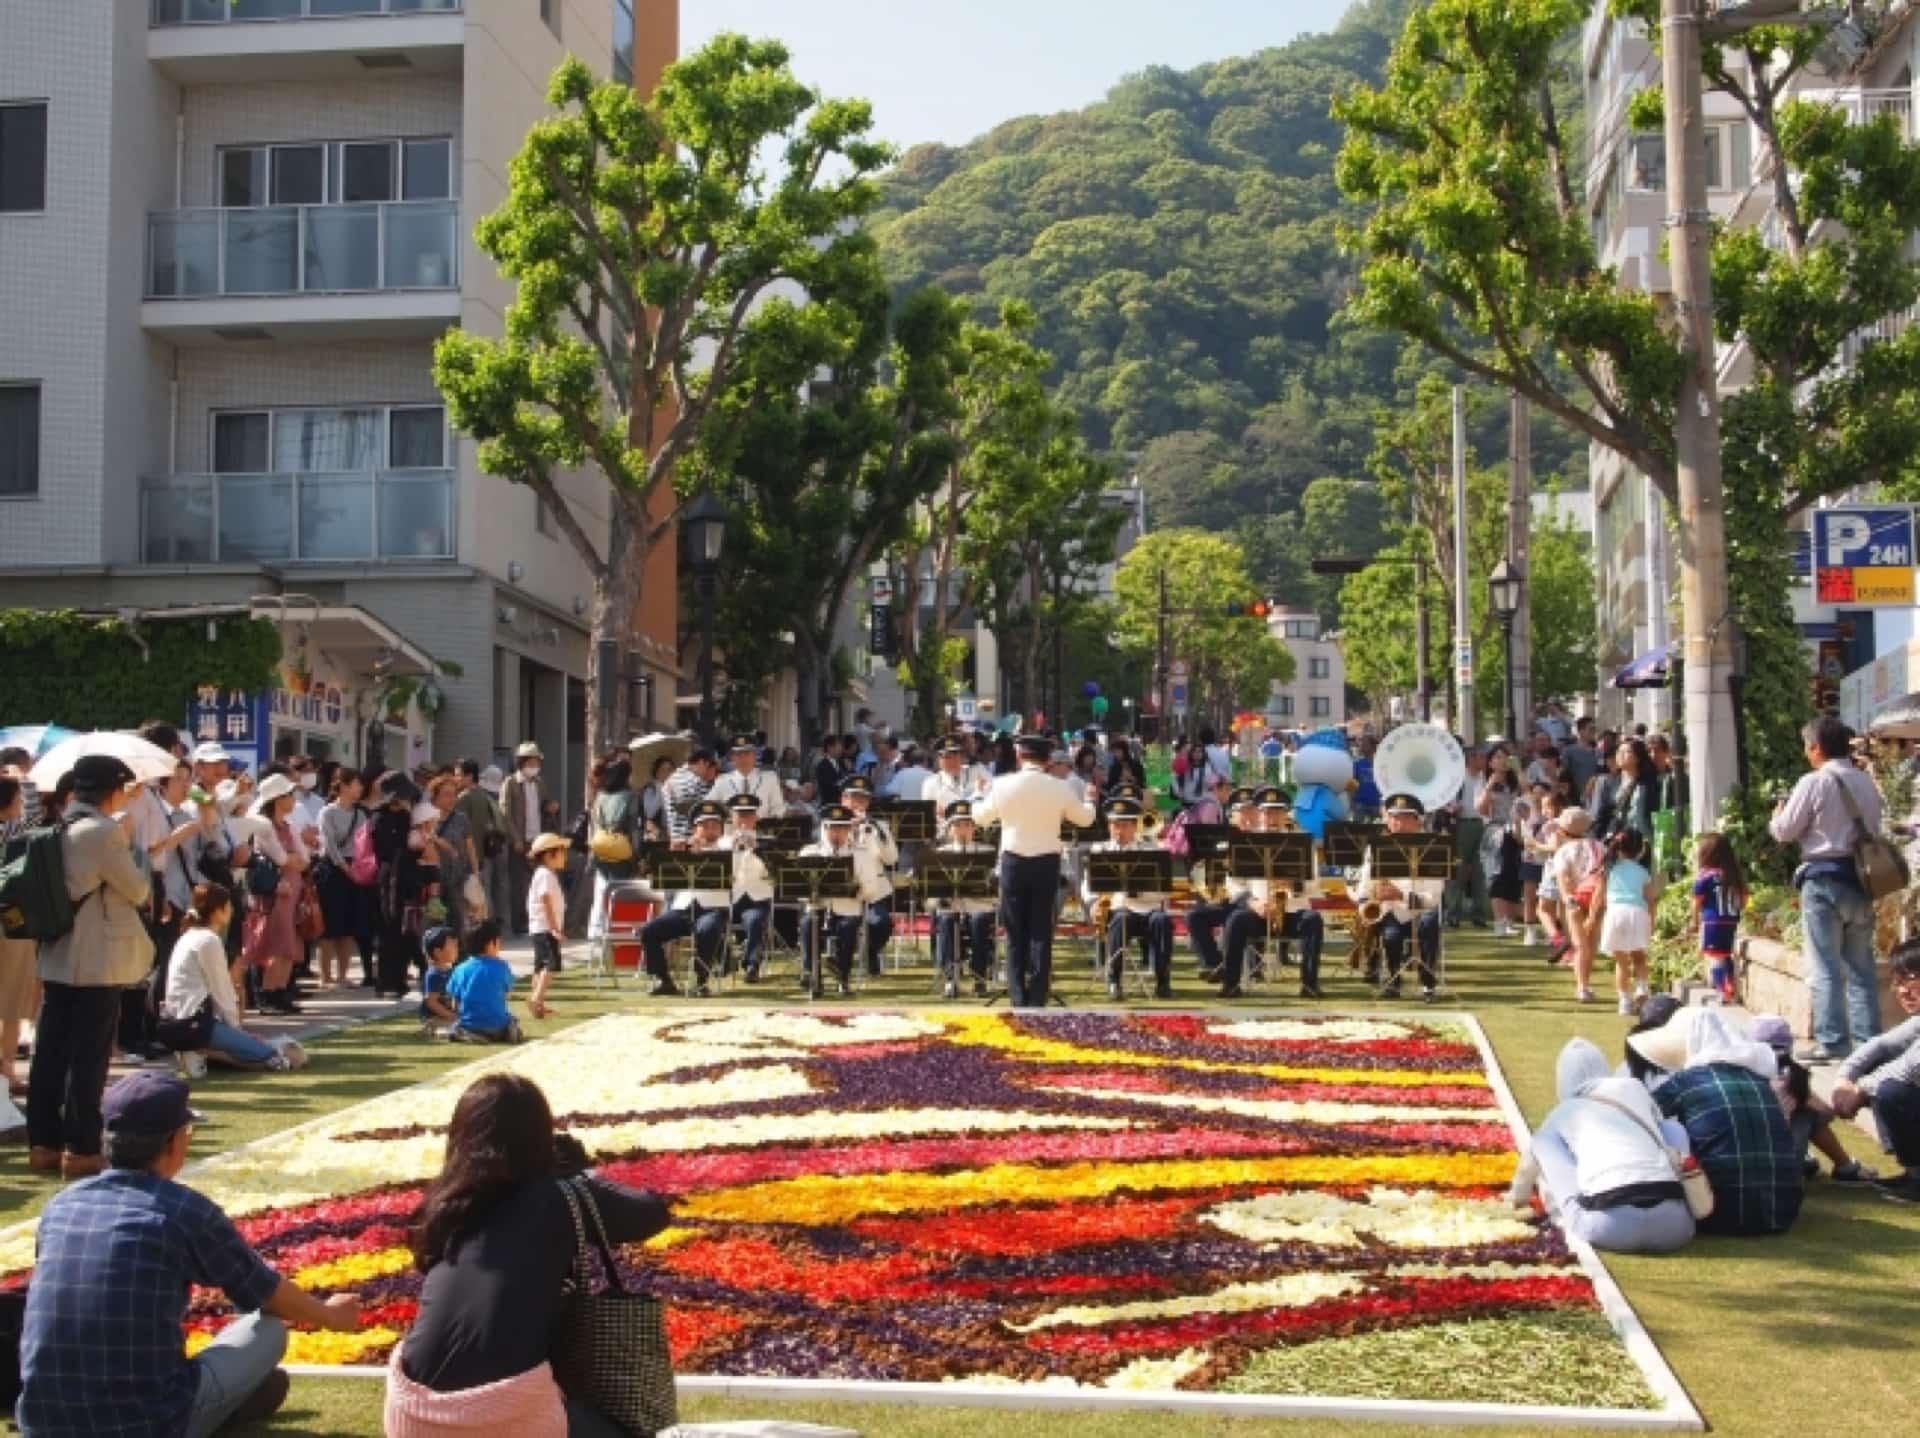 「インフィオラータこうべ2018」今年も開催!GWは花いっぱいの神戸へ行こう